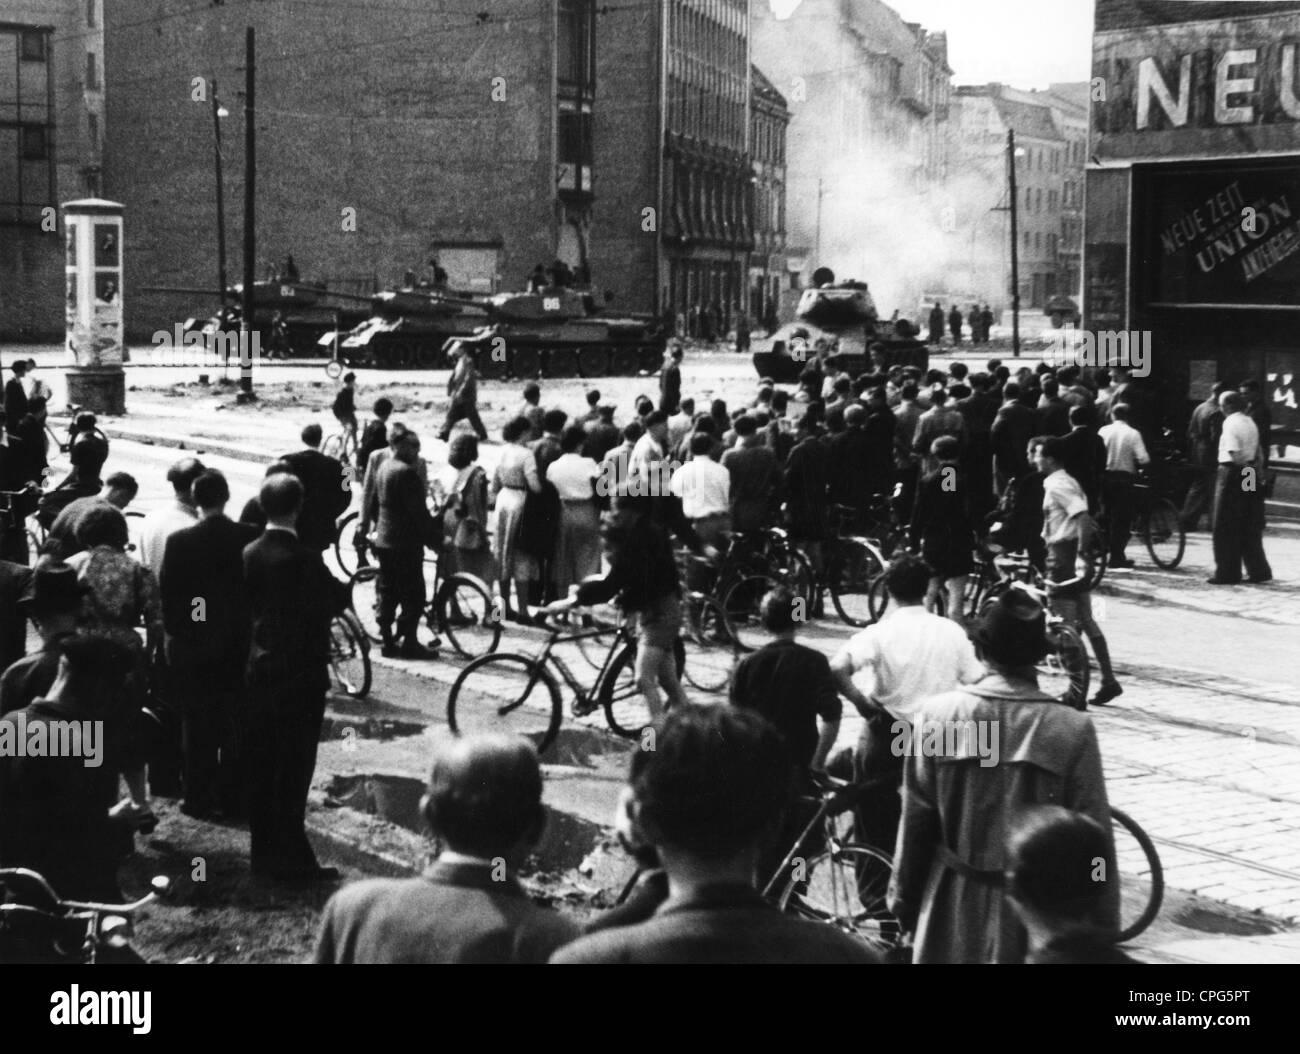 Geografía / viajes, Alemania, Berlín, revolución 17.6.1953, East-Germans viendo a los tanques soviéticos, Imagen De Stock